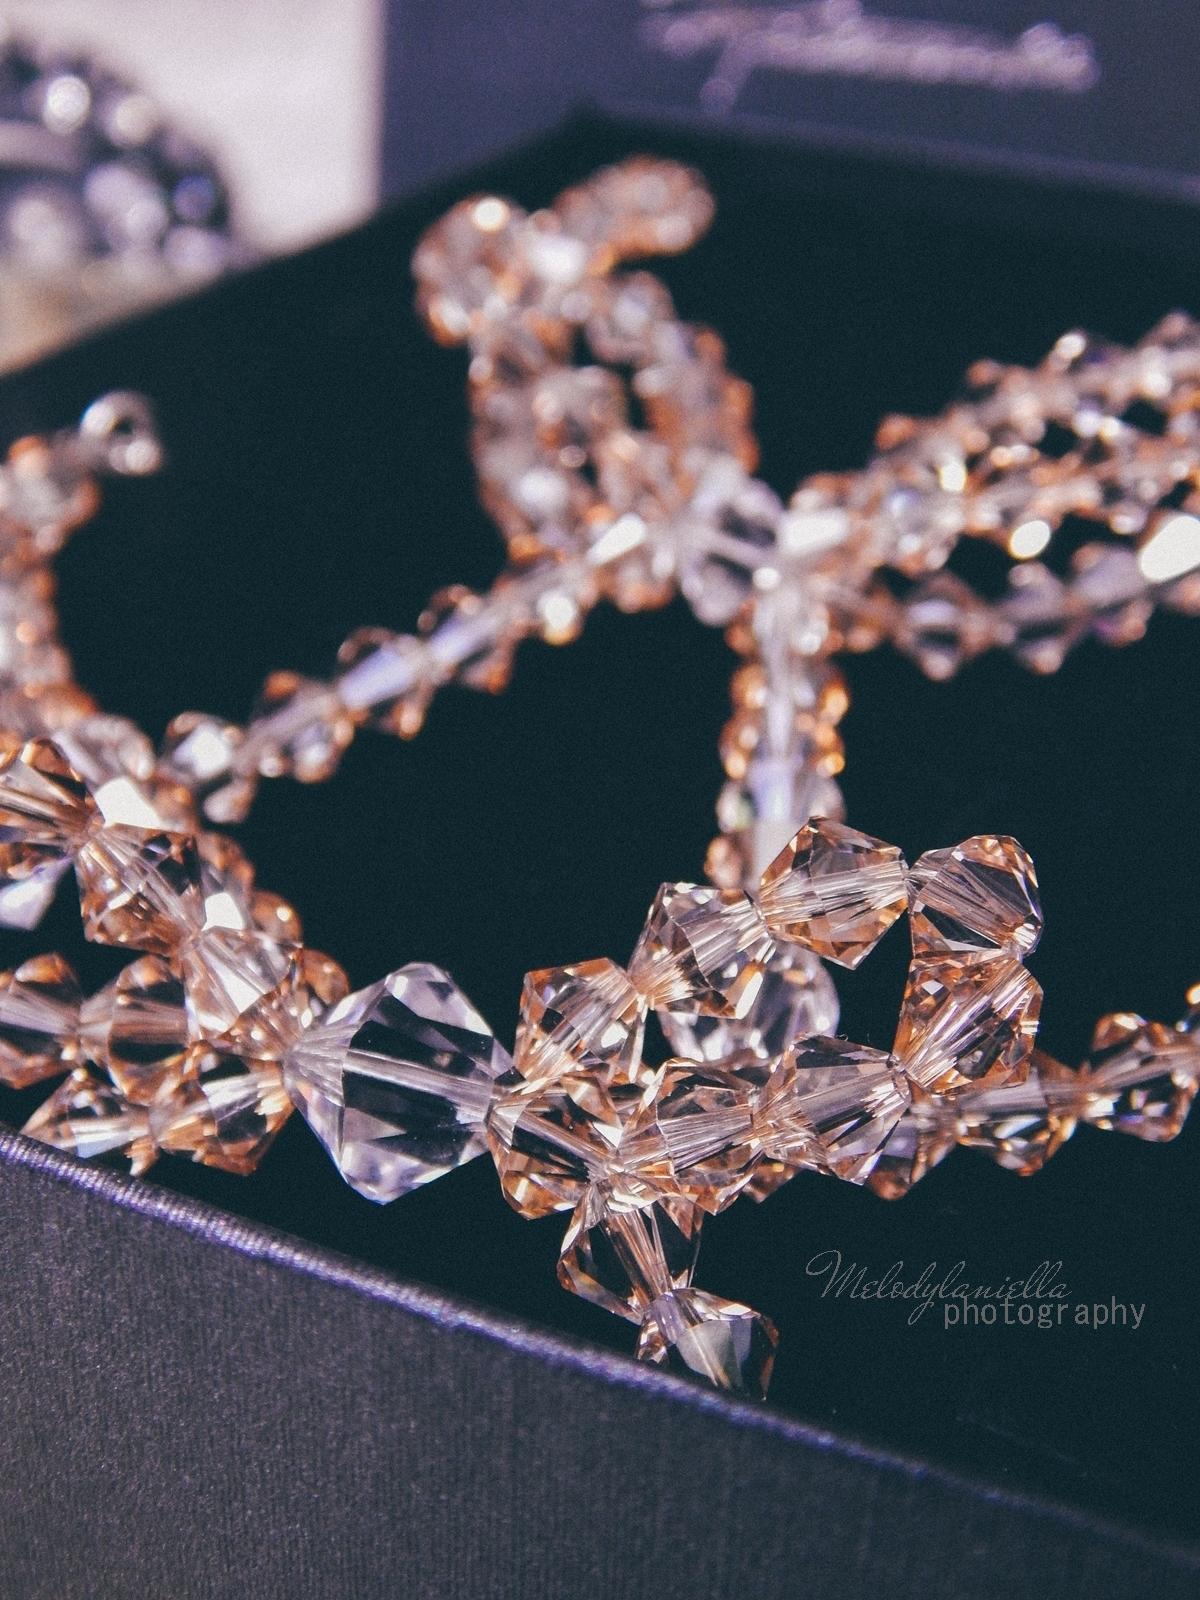 17 biżuteria M piotrowski recenzje kryształy swarovski przegląd opinie recenzje jak dobrać biżuterie modna biżuteria stylowe dodatki kryształy bransoletka z kokardką naszyjnik z kokardą złoto srebro fashion